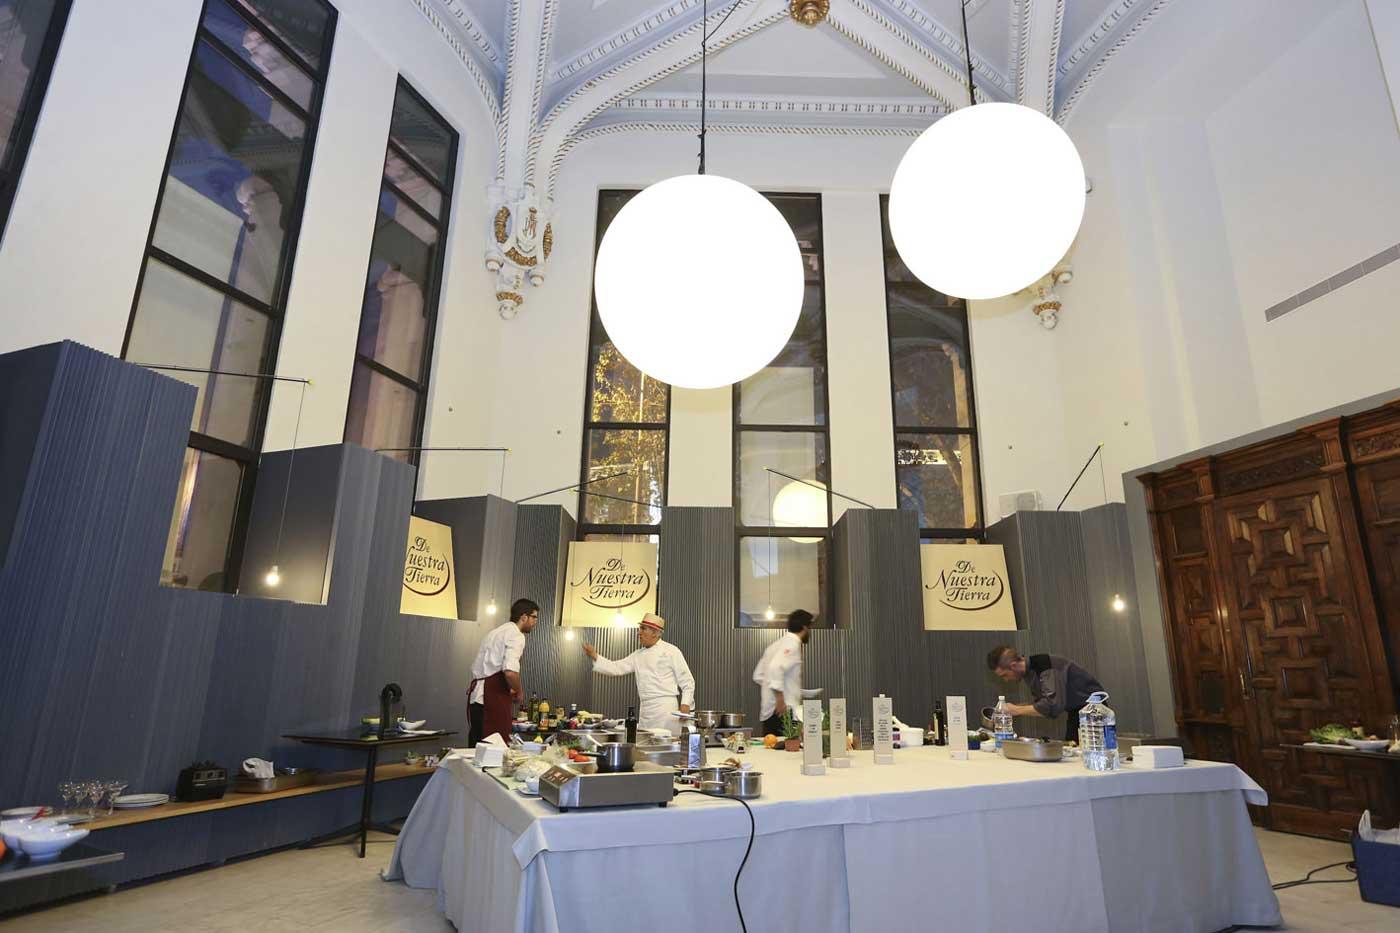 Eventos Gastronomía Del Palacio De Cibeles